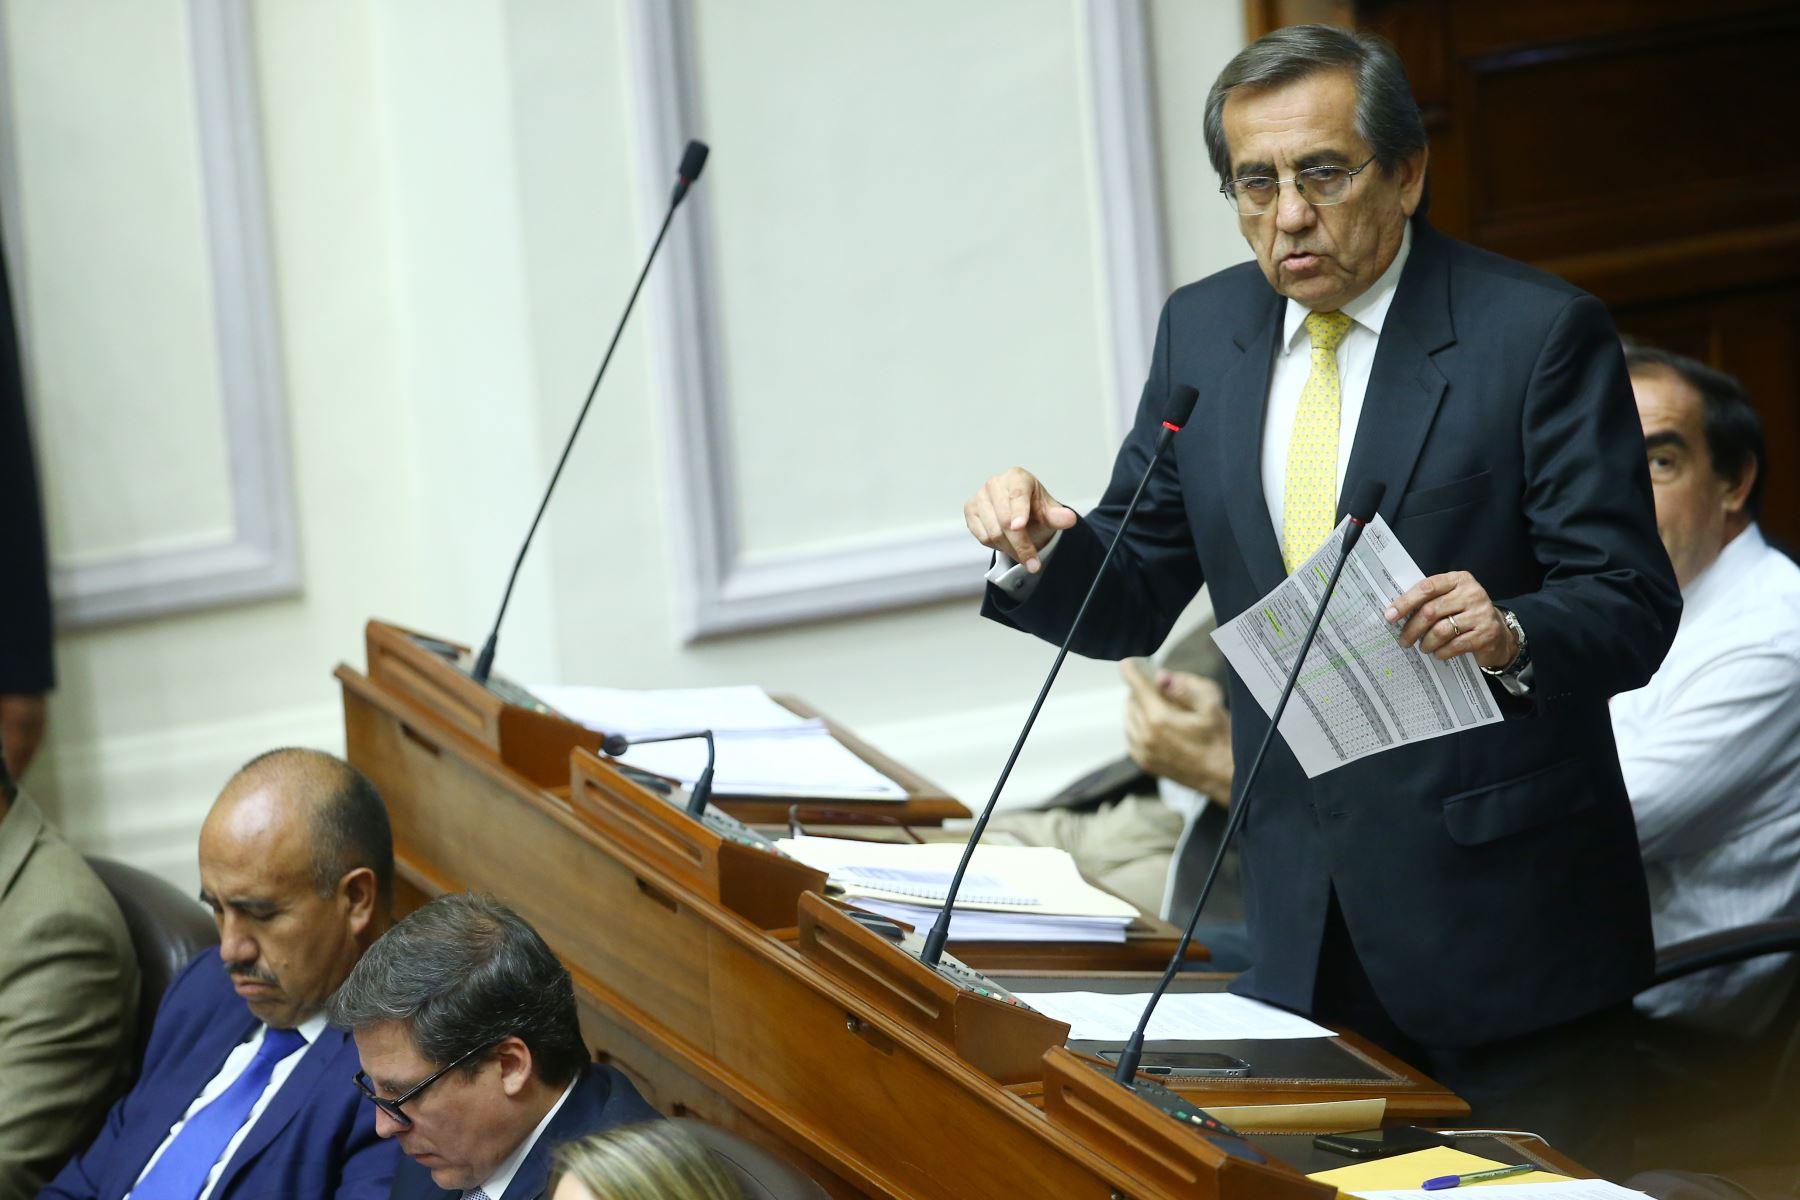 Jorge del Castillo durante su participación en el debate a la aceptación de la carta de renuncia del Presidente Kuczynski. Foto: ANDINA/Melina Mejía